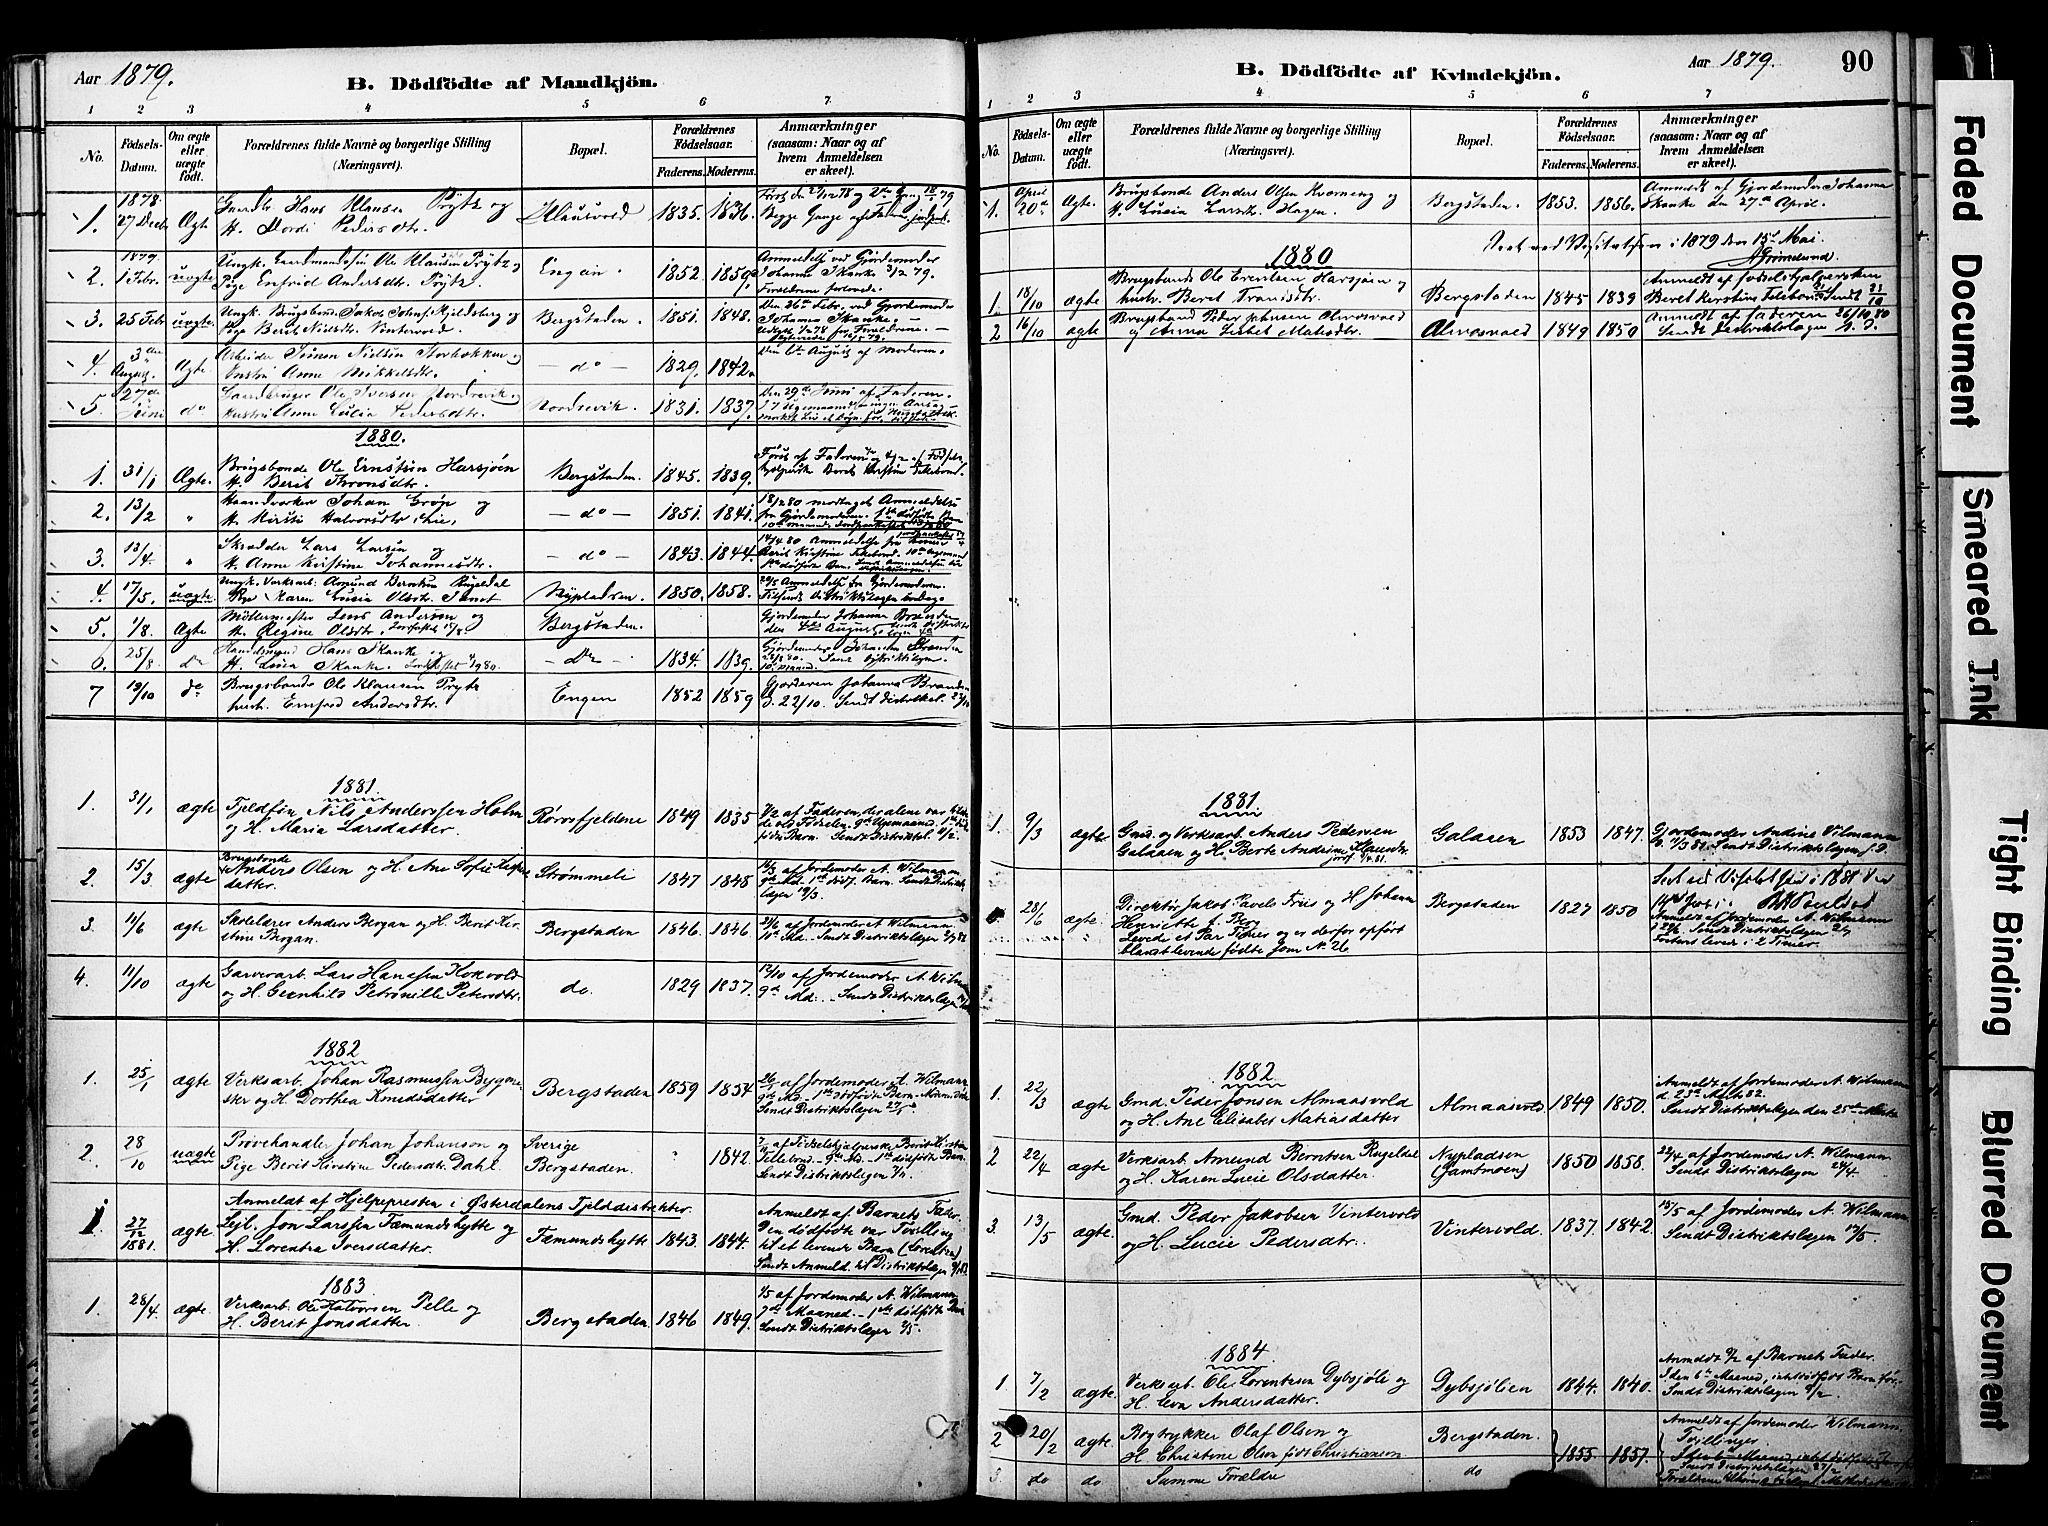 SAT, Ministerialprotokoller, klokkerbøker og fødselsregistre - Sør-Trøndelag, 681/L0933: Ministerialbok nr. 681A11, 1879-1890, s. 90